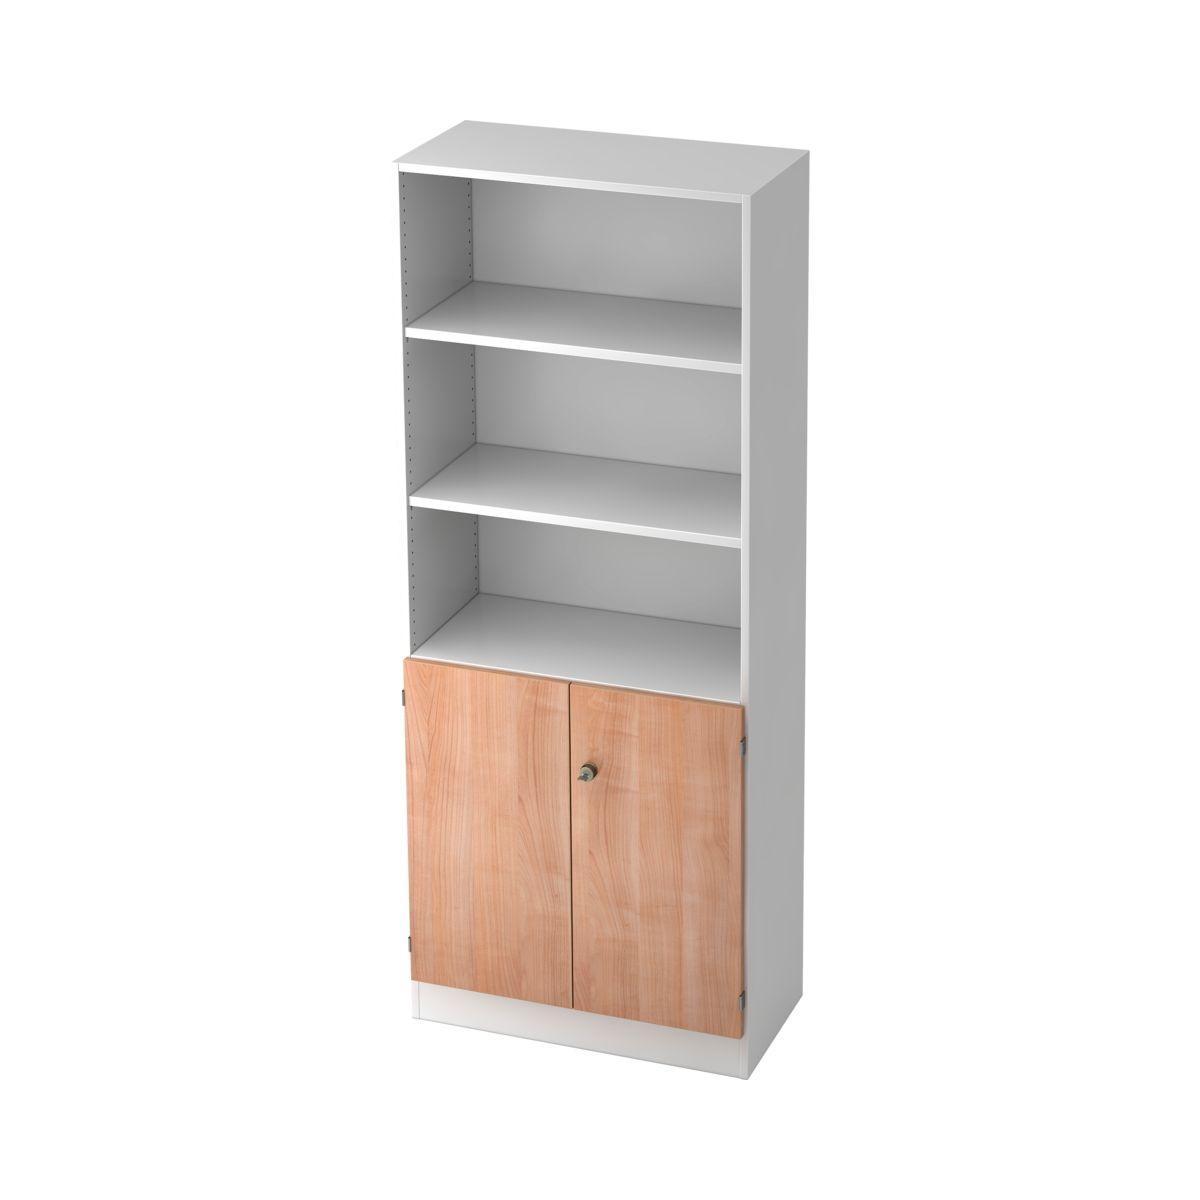 regalschrank ulm 5 ordnerh hen 2 t ren abschlie bar. Black Bedroom Furniture Sets. Home Design Ideas